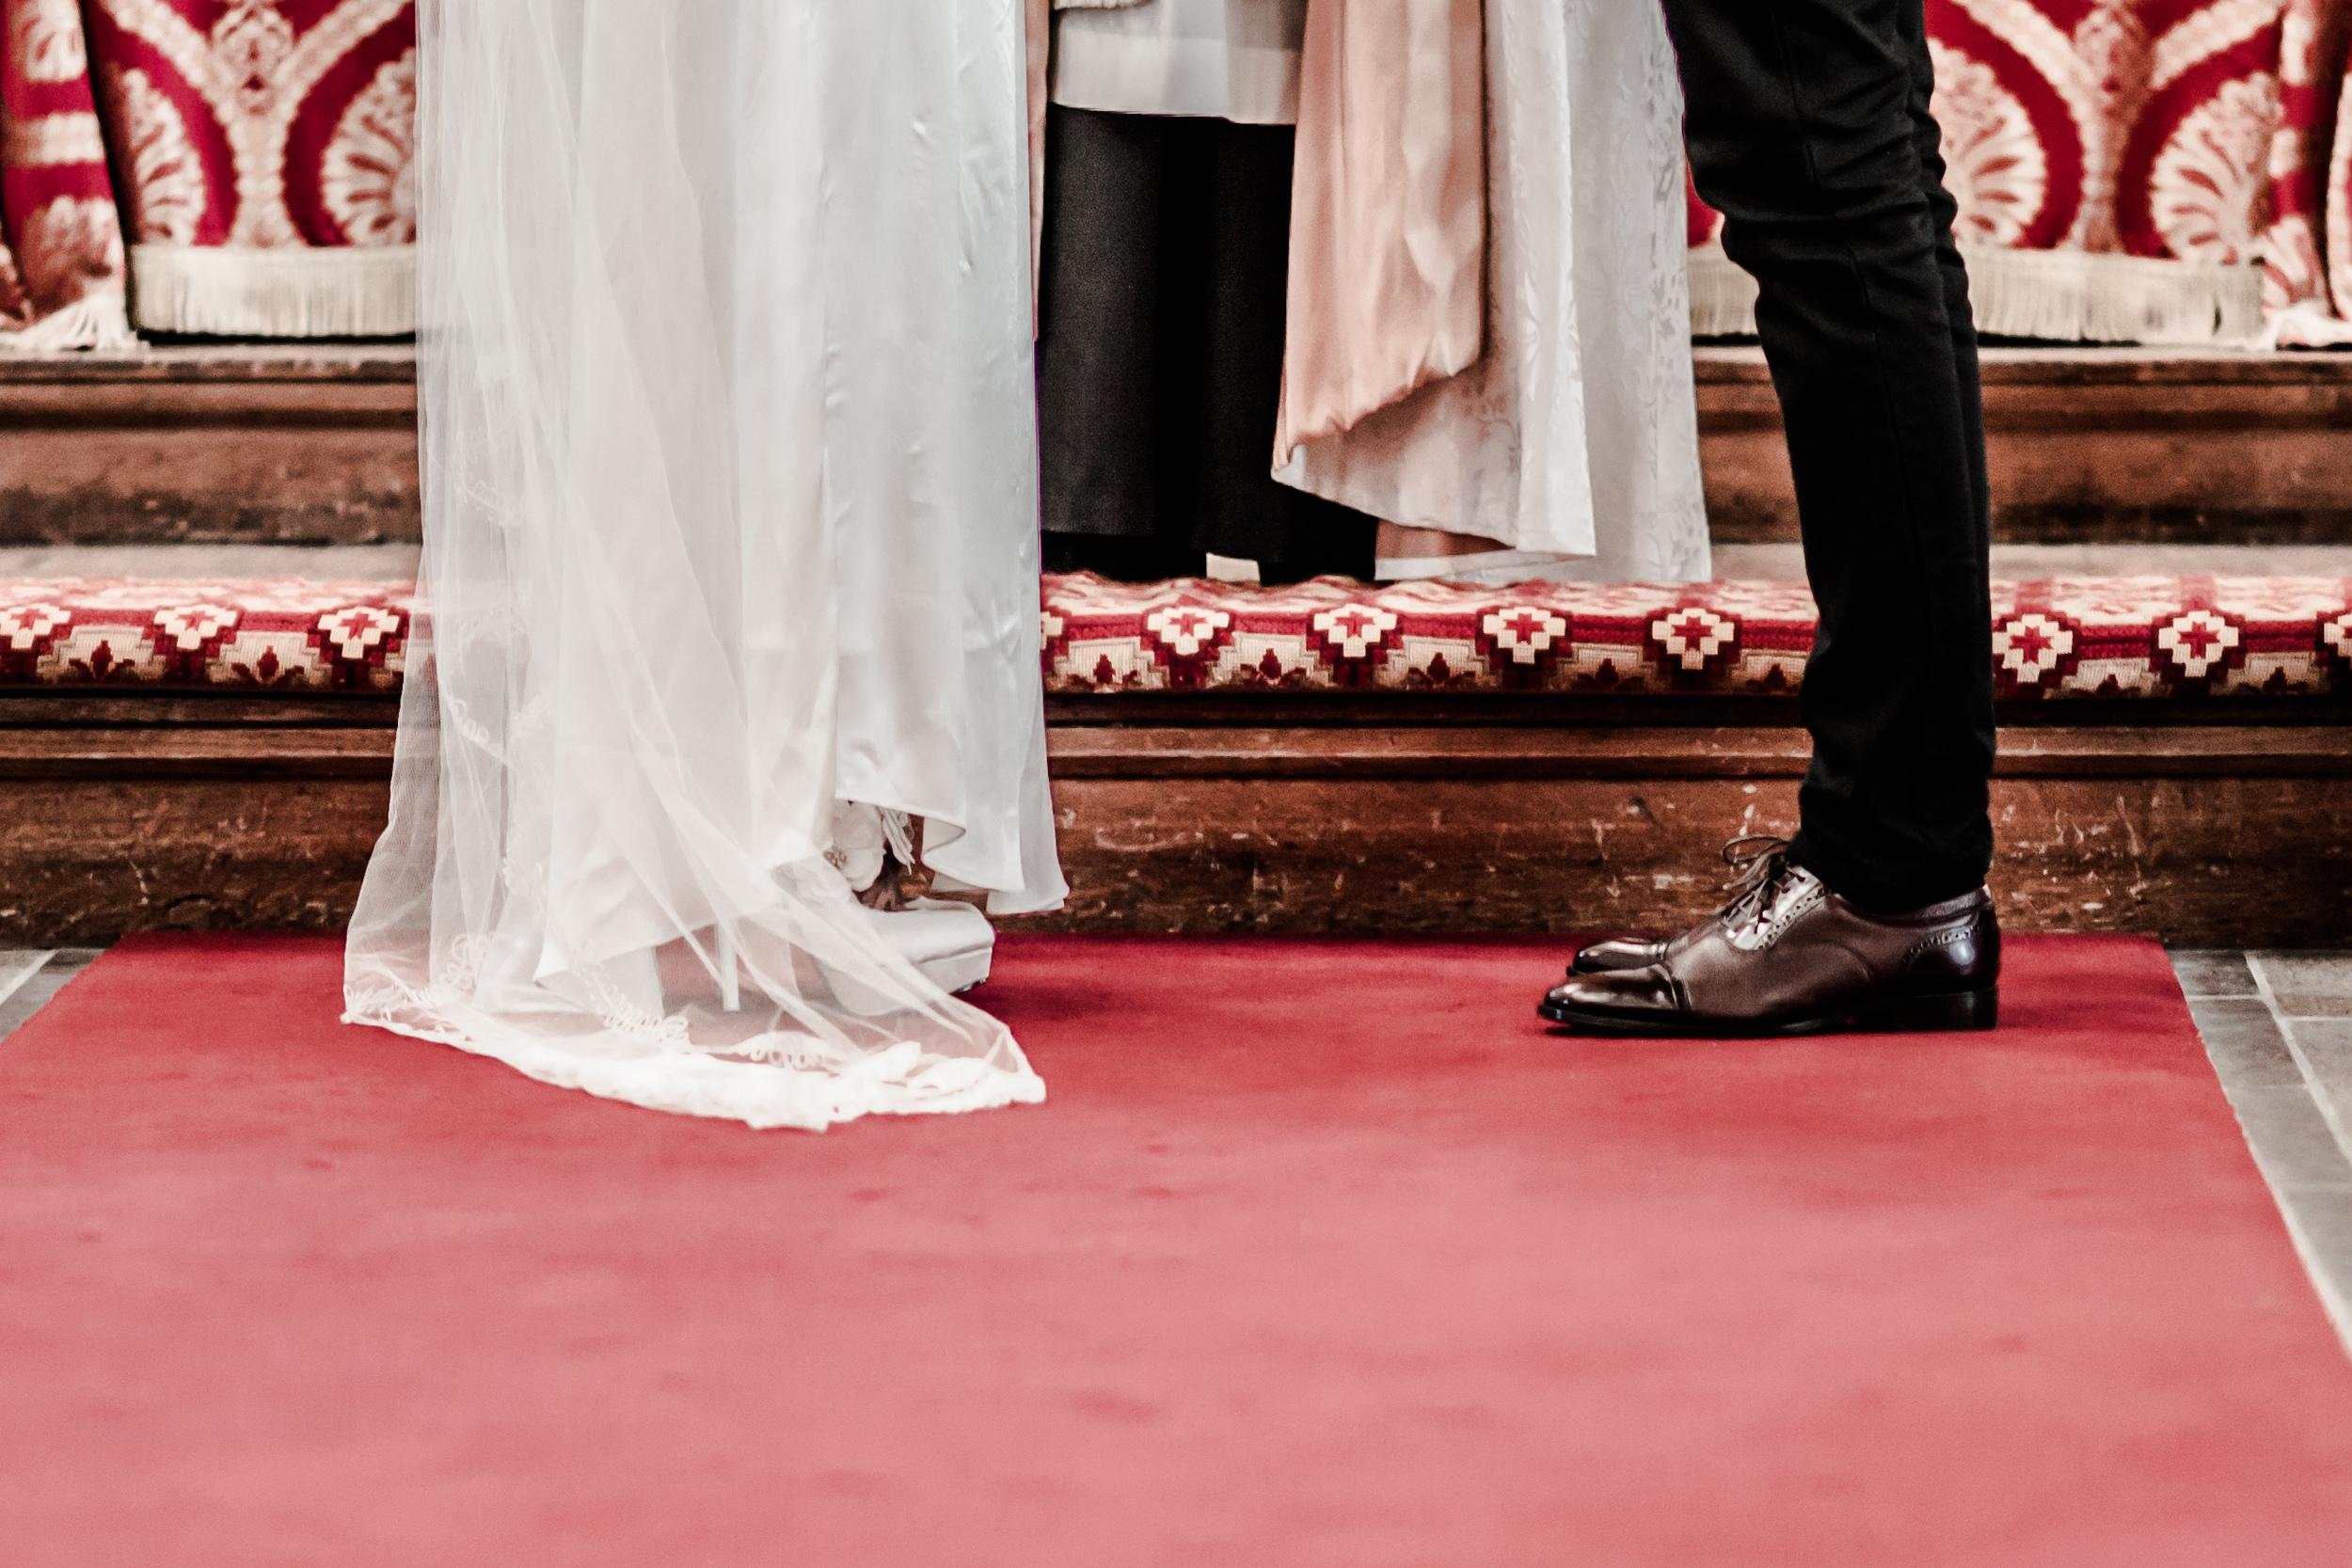 089 - Angela and Karls Wedding by www.markpugh.com -5880.jpg